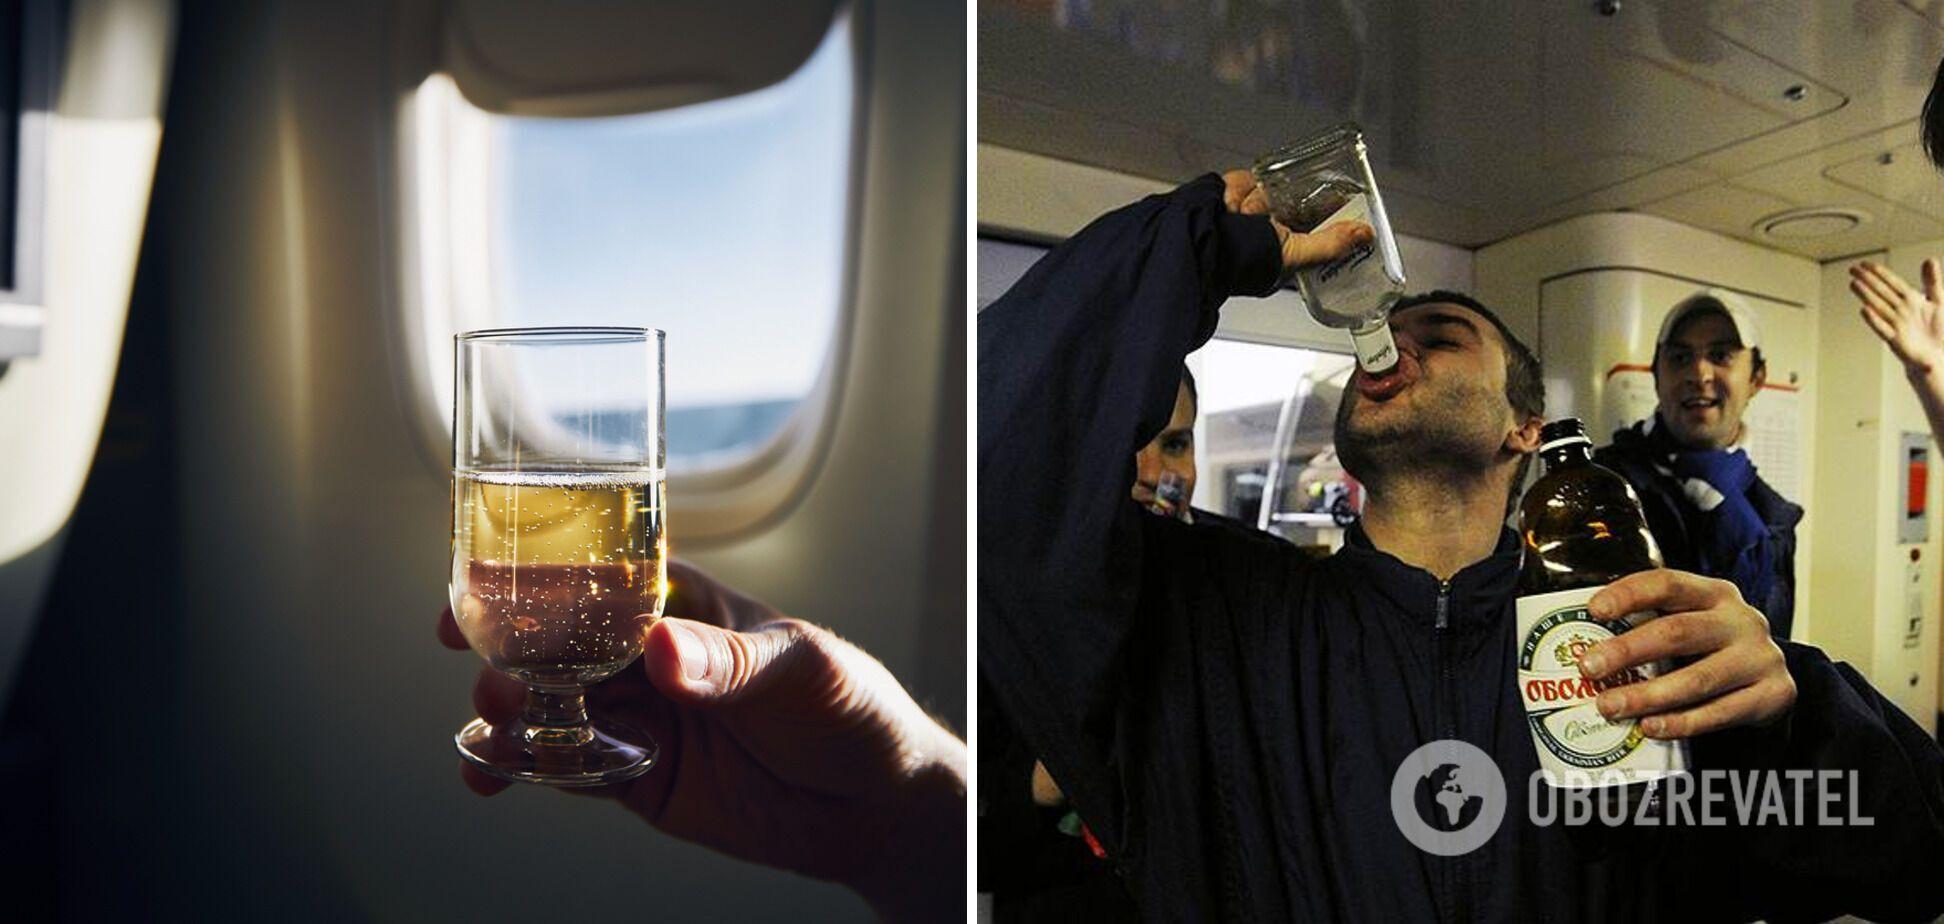 Чрезмерное употребление алкоголя может привести к неприятностям.